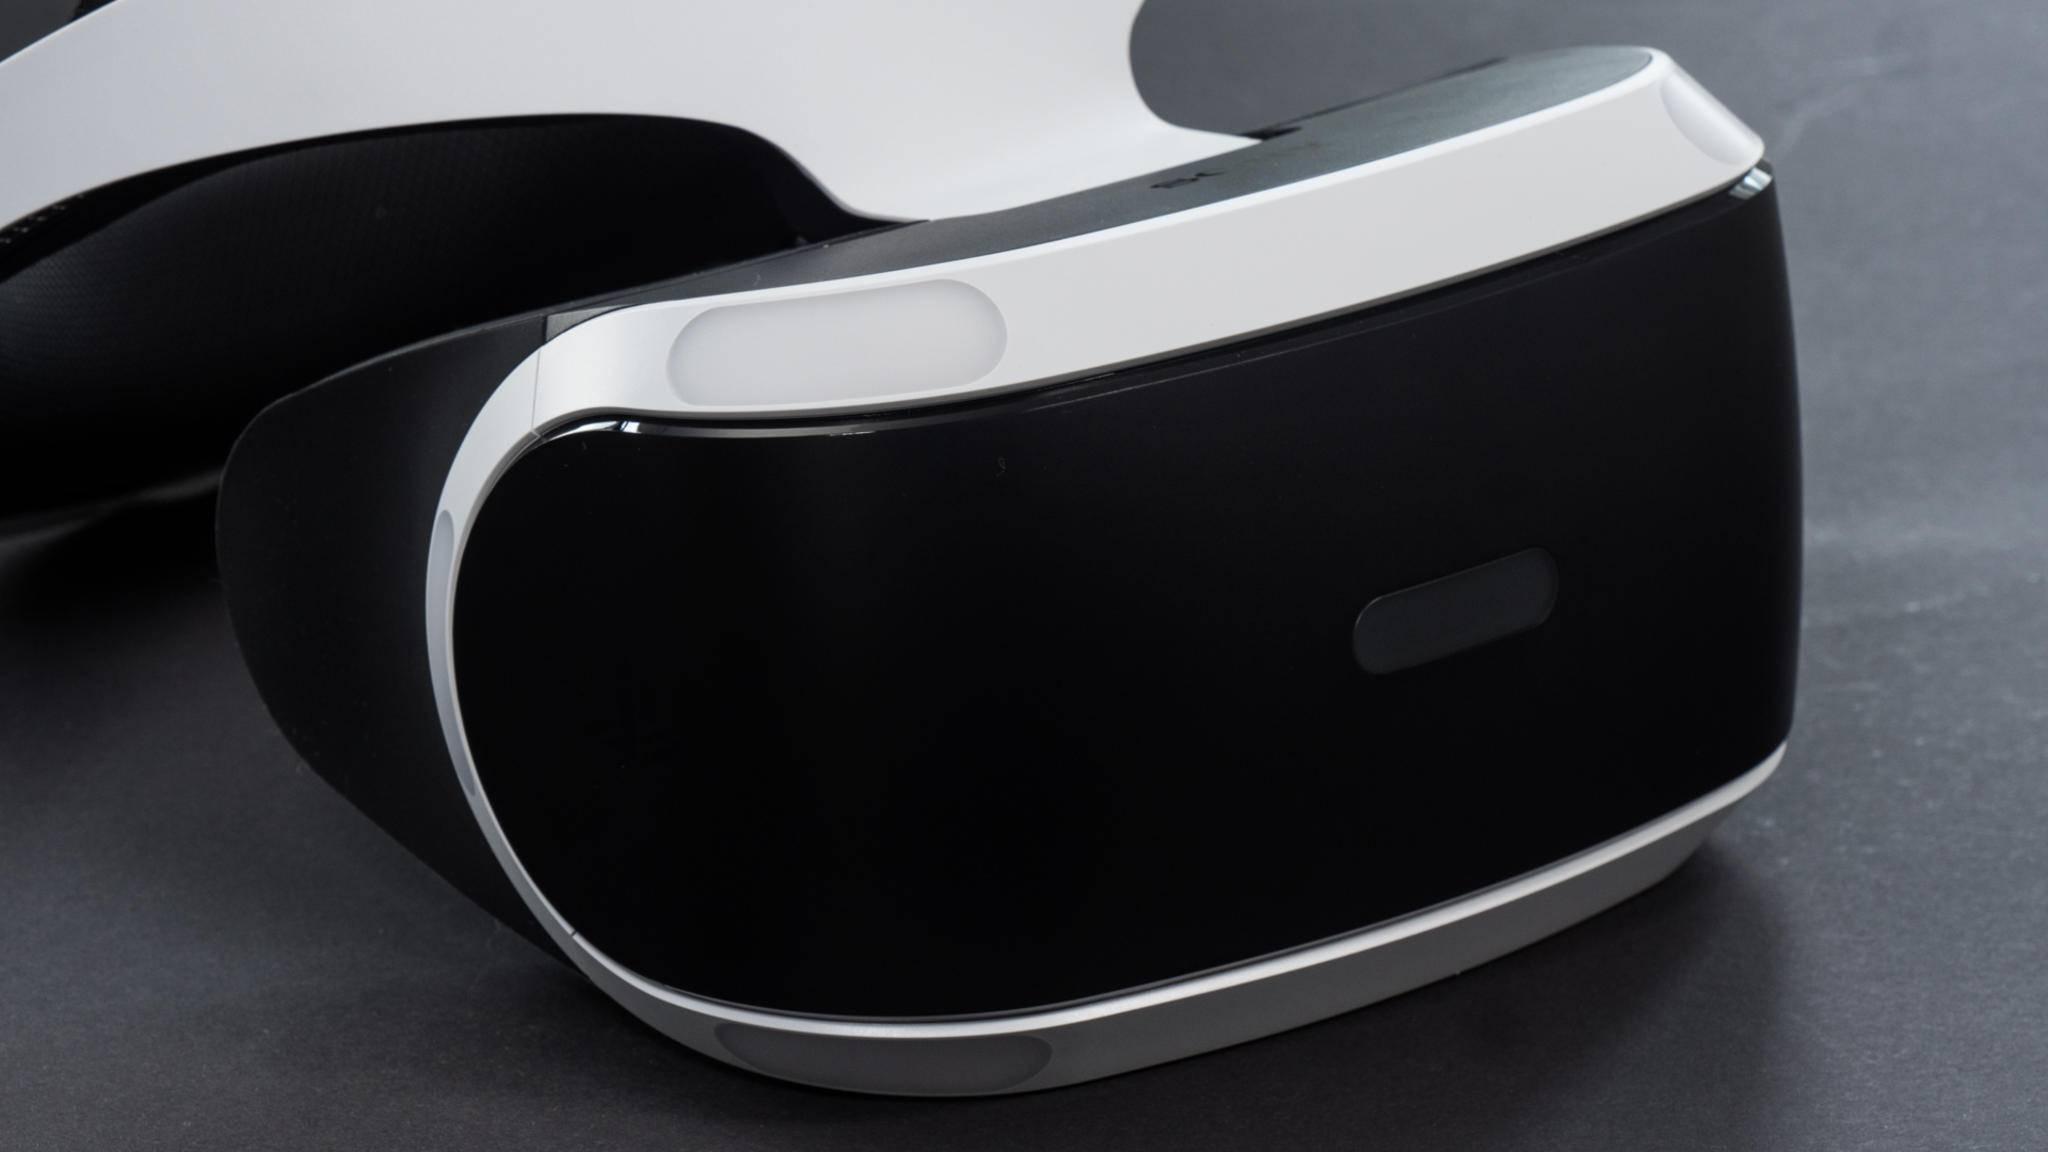 Die PlayStation VR hat das Kundeninteresse an Virtual Reality bestätigt.